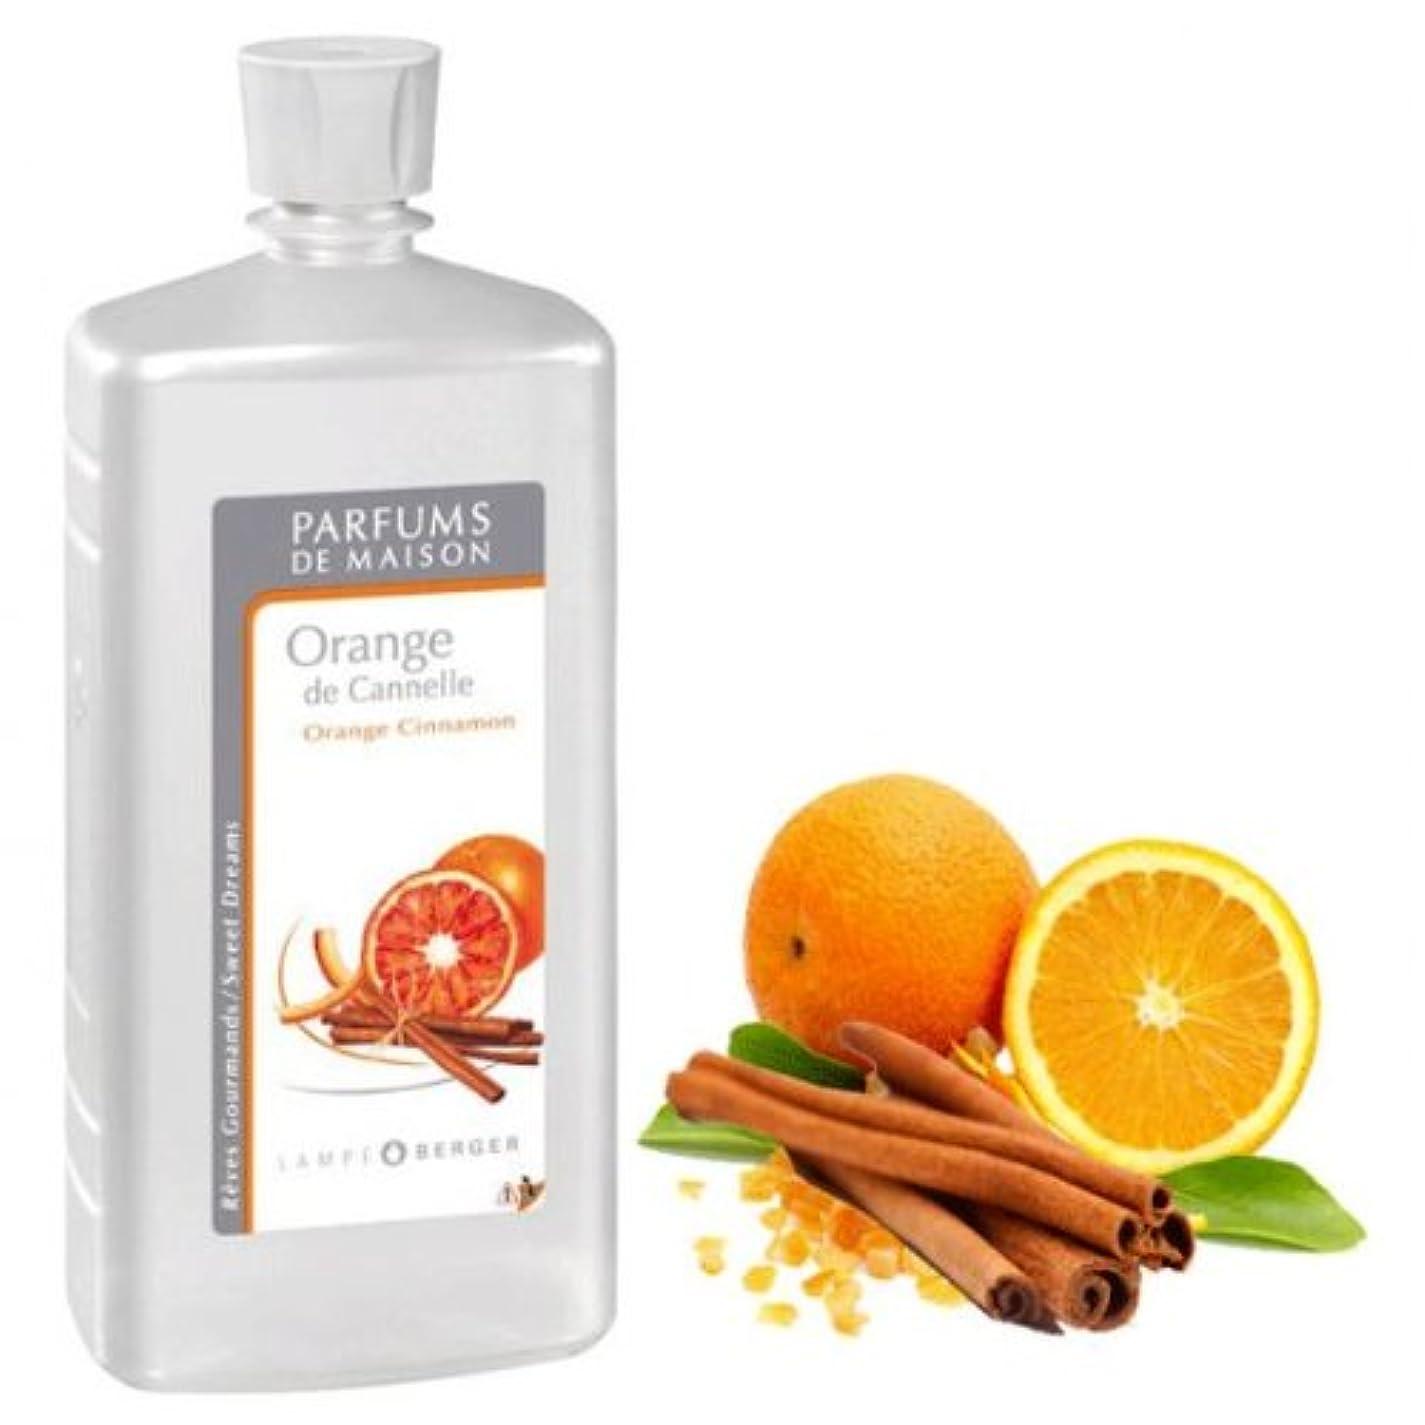 シェアを必要としています窓を洗う【フランス版】ランプベルジェオイル1L オレンジシナモン